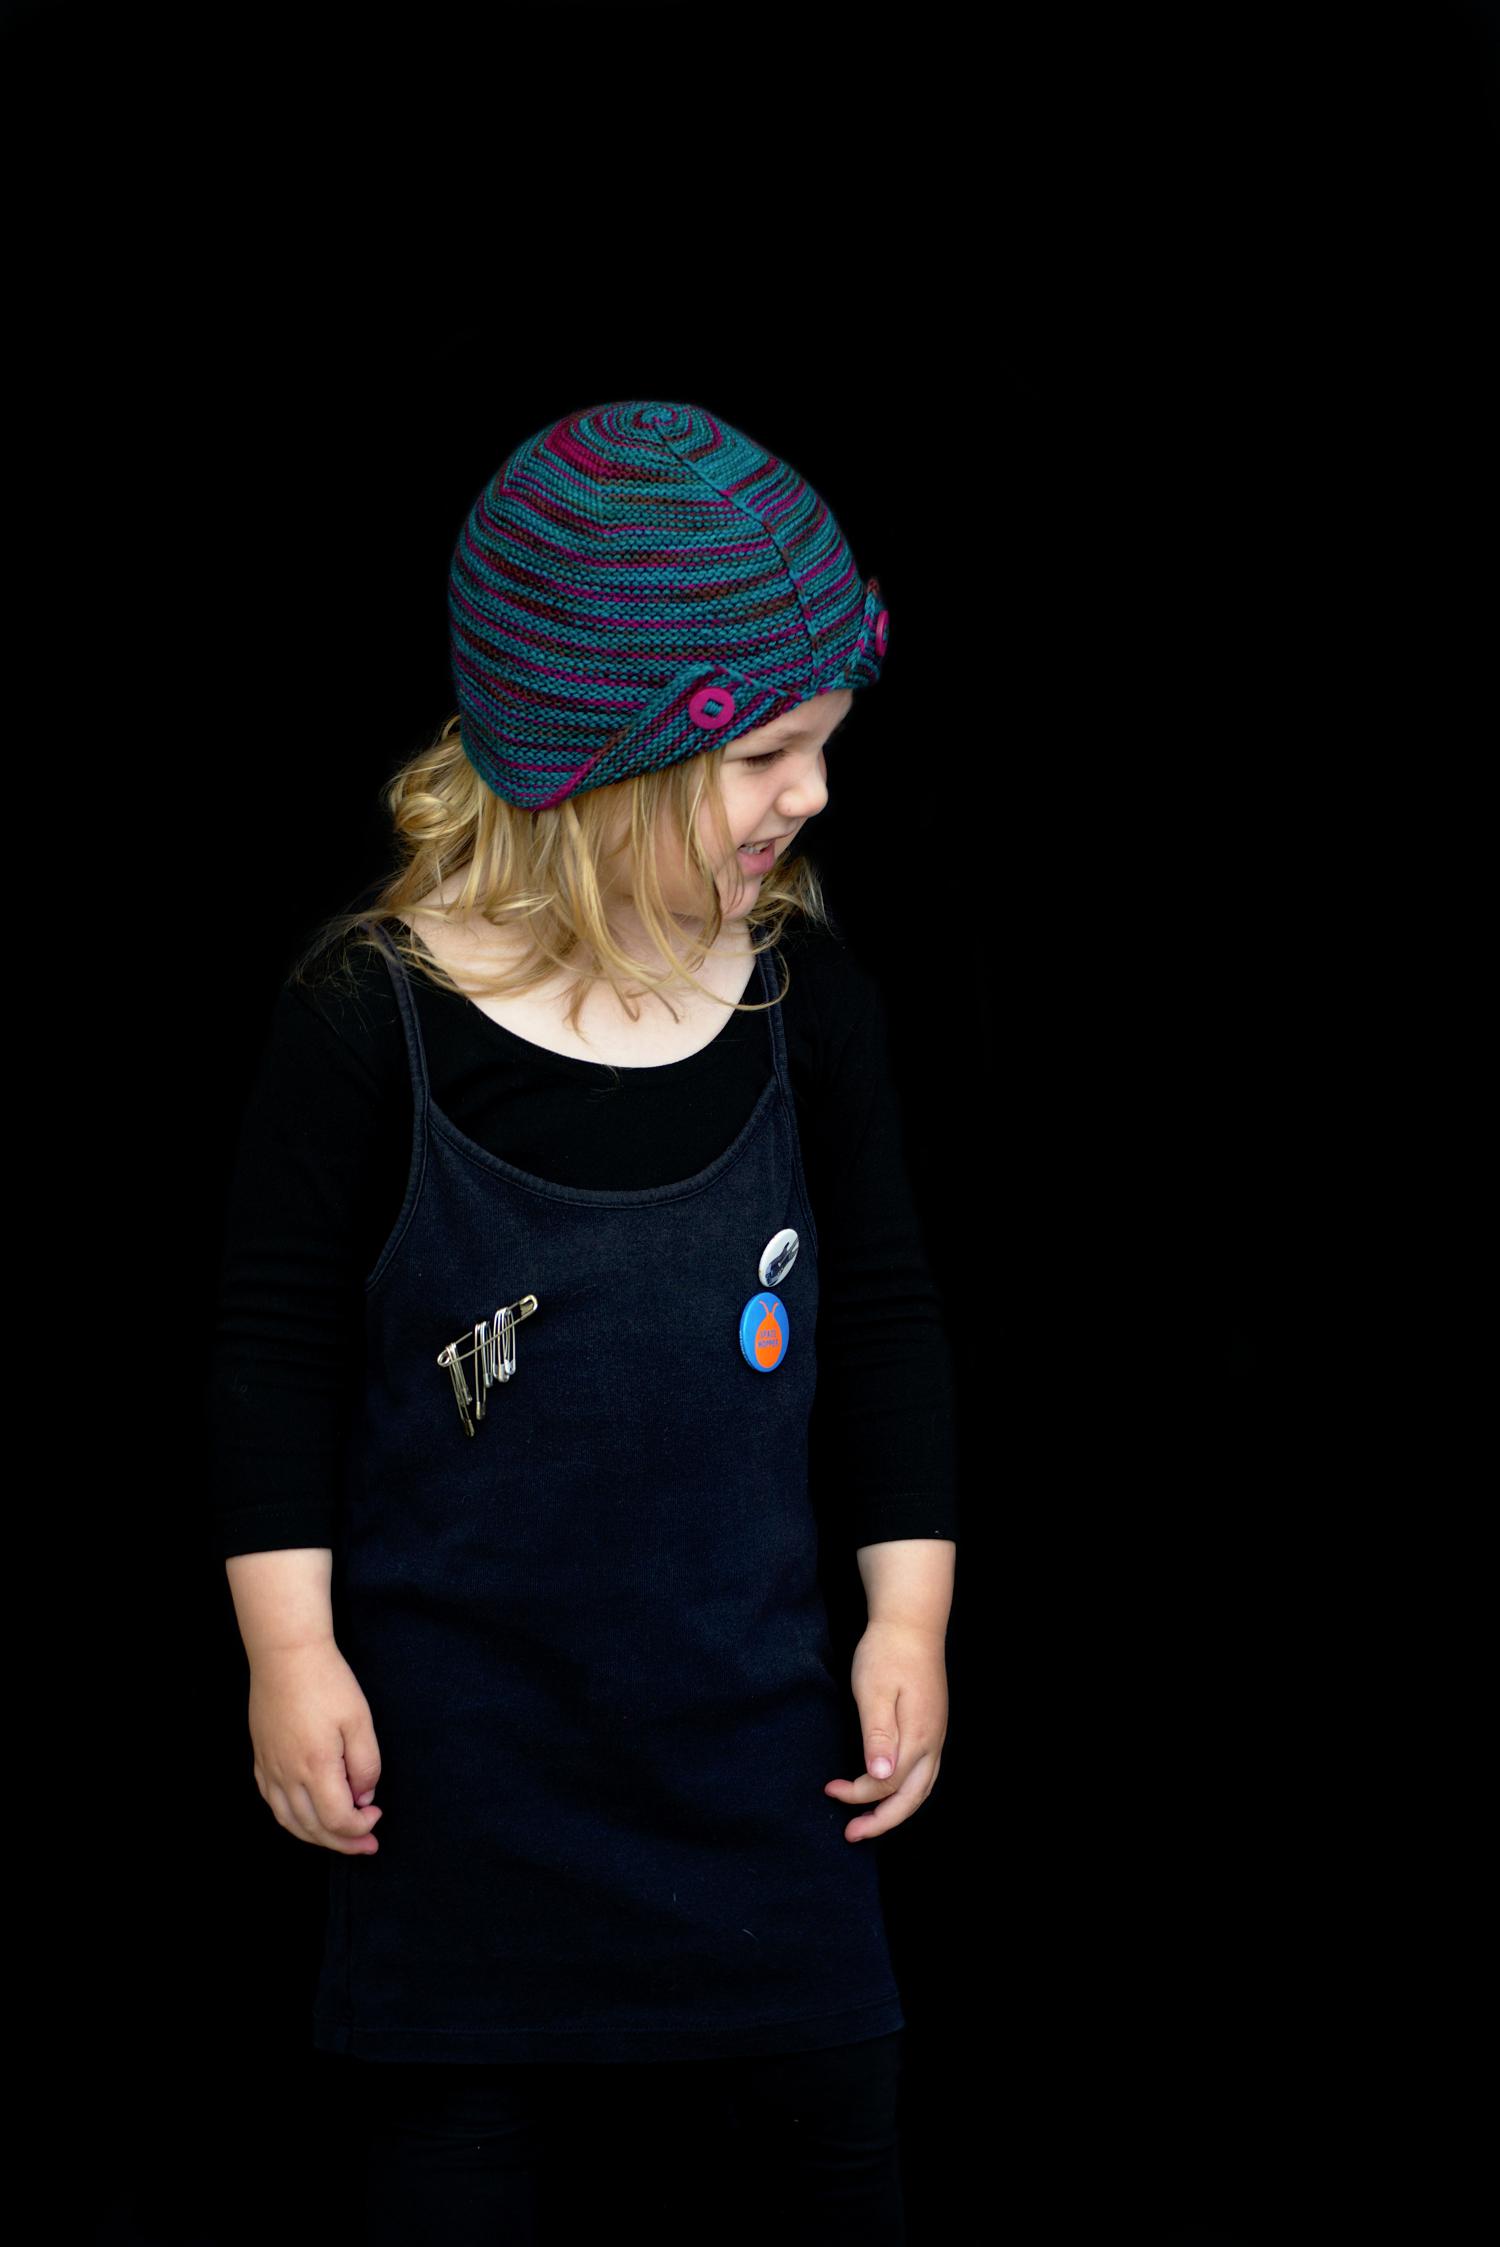 Wychavon cloche Hat knitting pattern